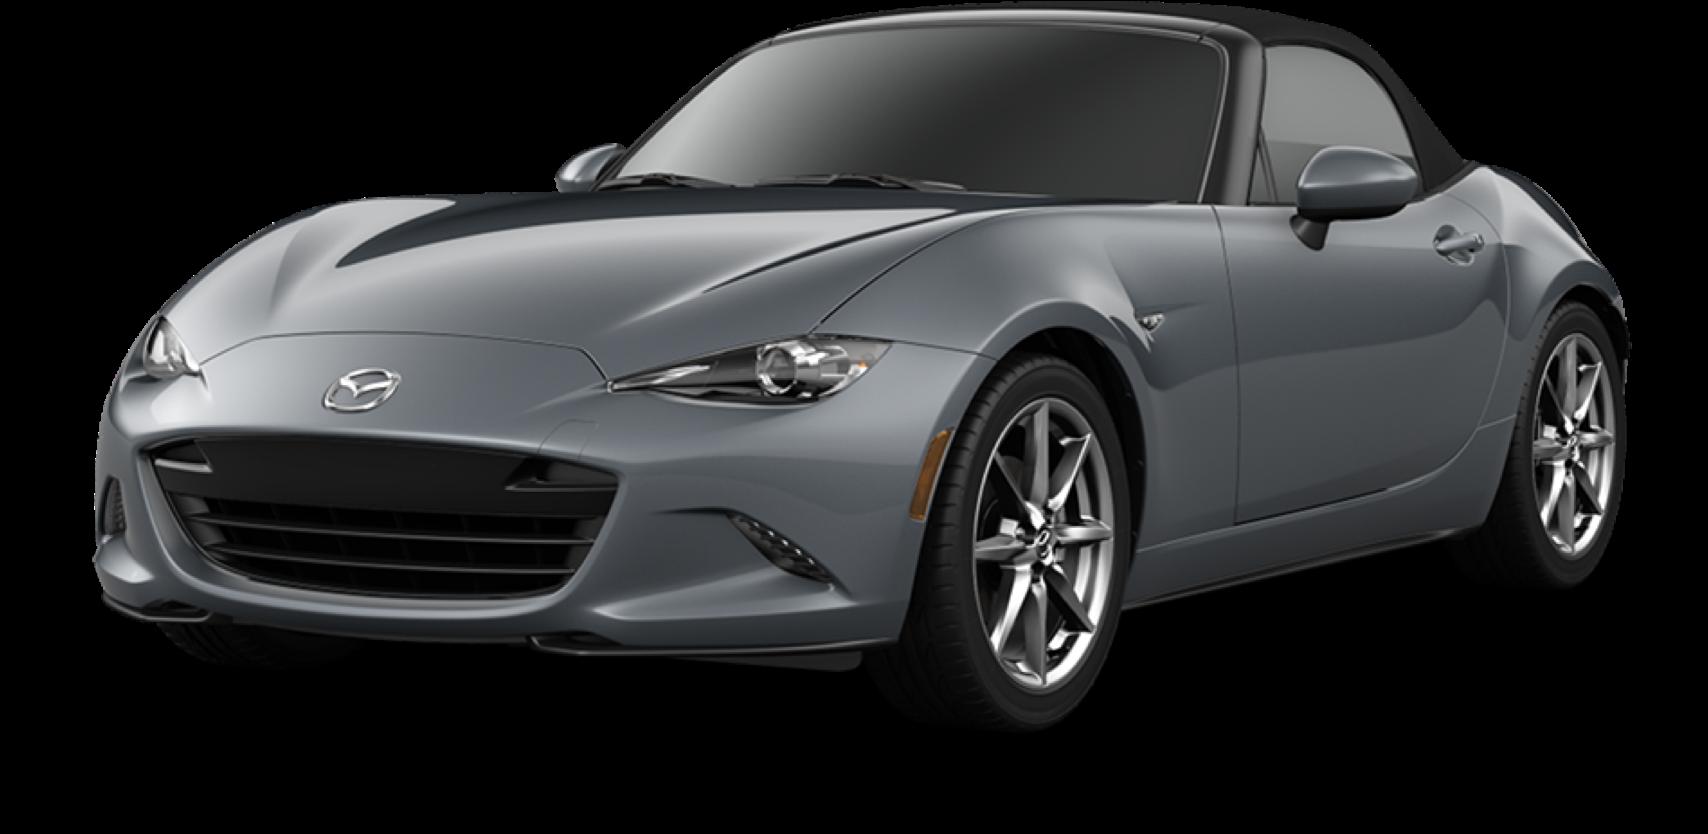 2021 Mazda MX-5 Miata, Polymetal Gray Metallic